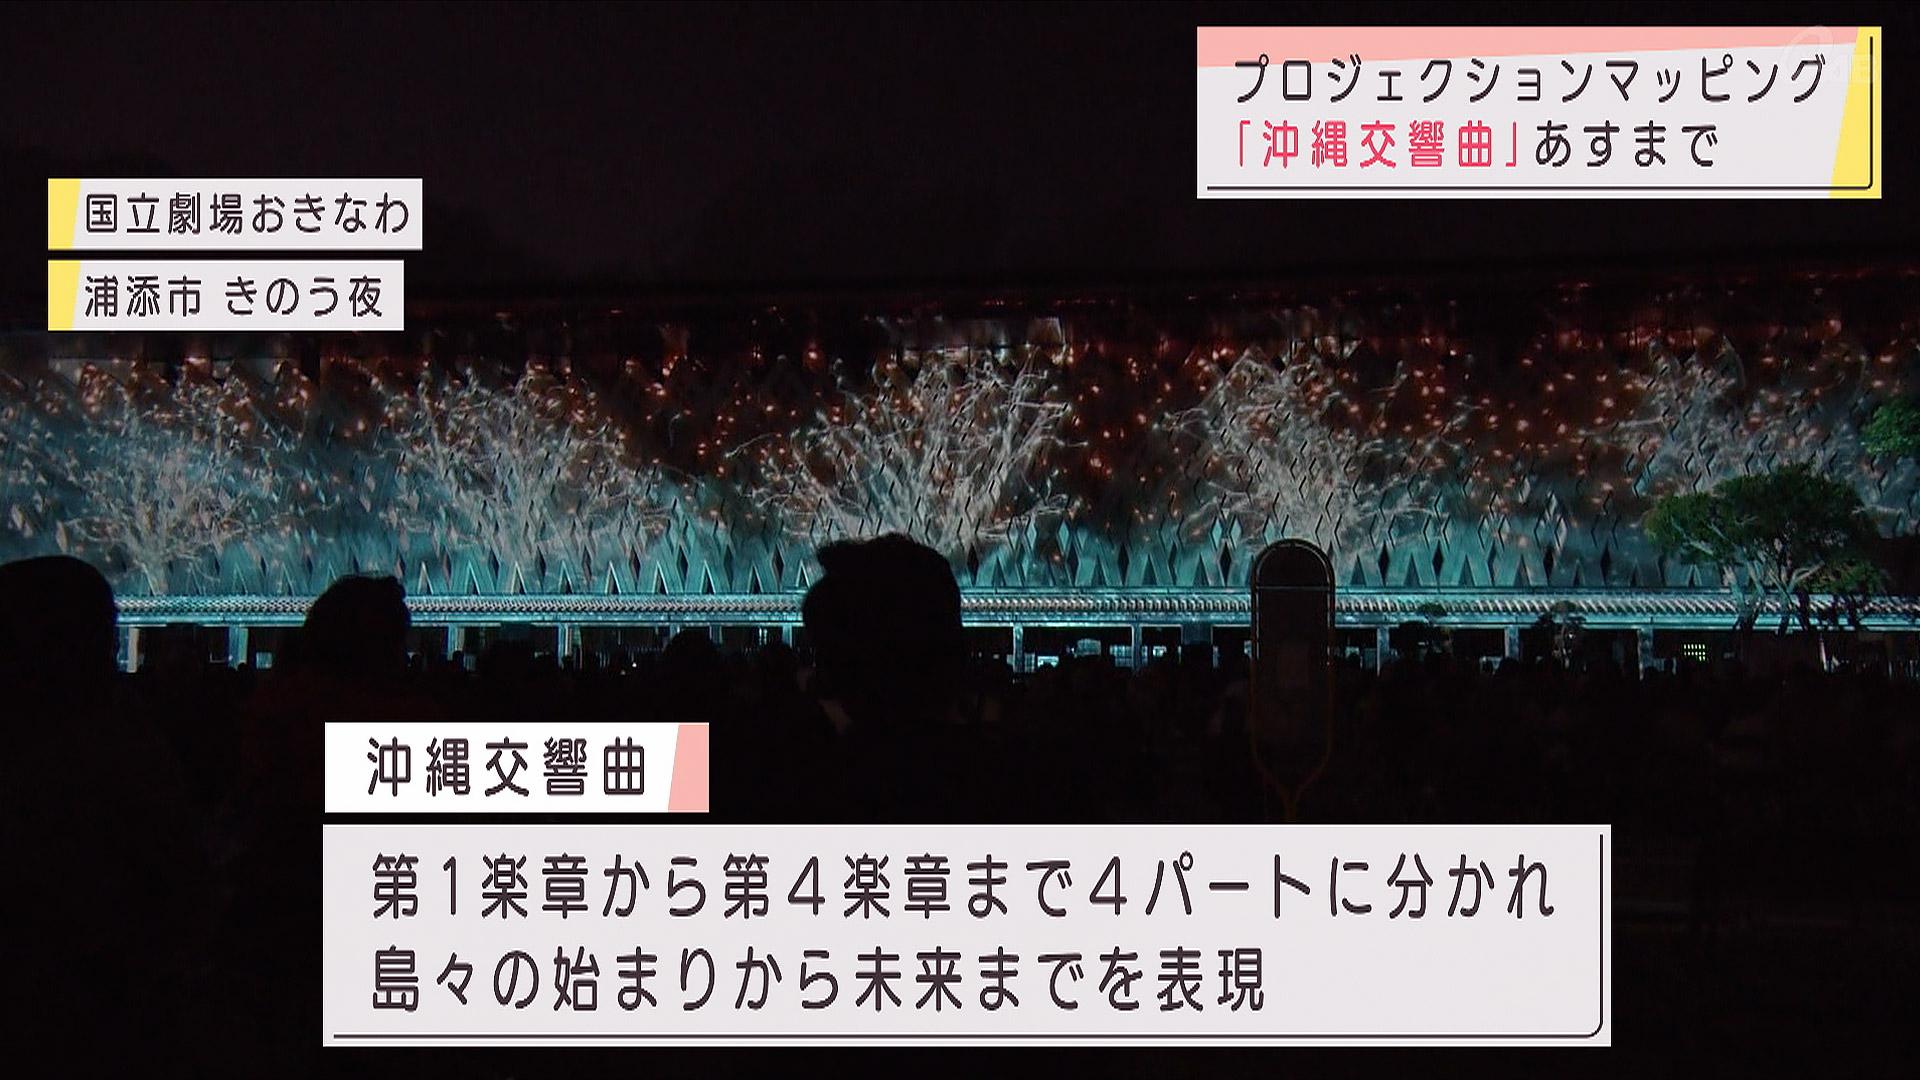 プロジェクションマッピング「沖縄交響曲」始まる